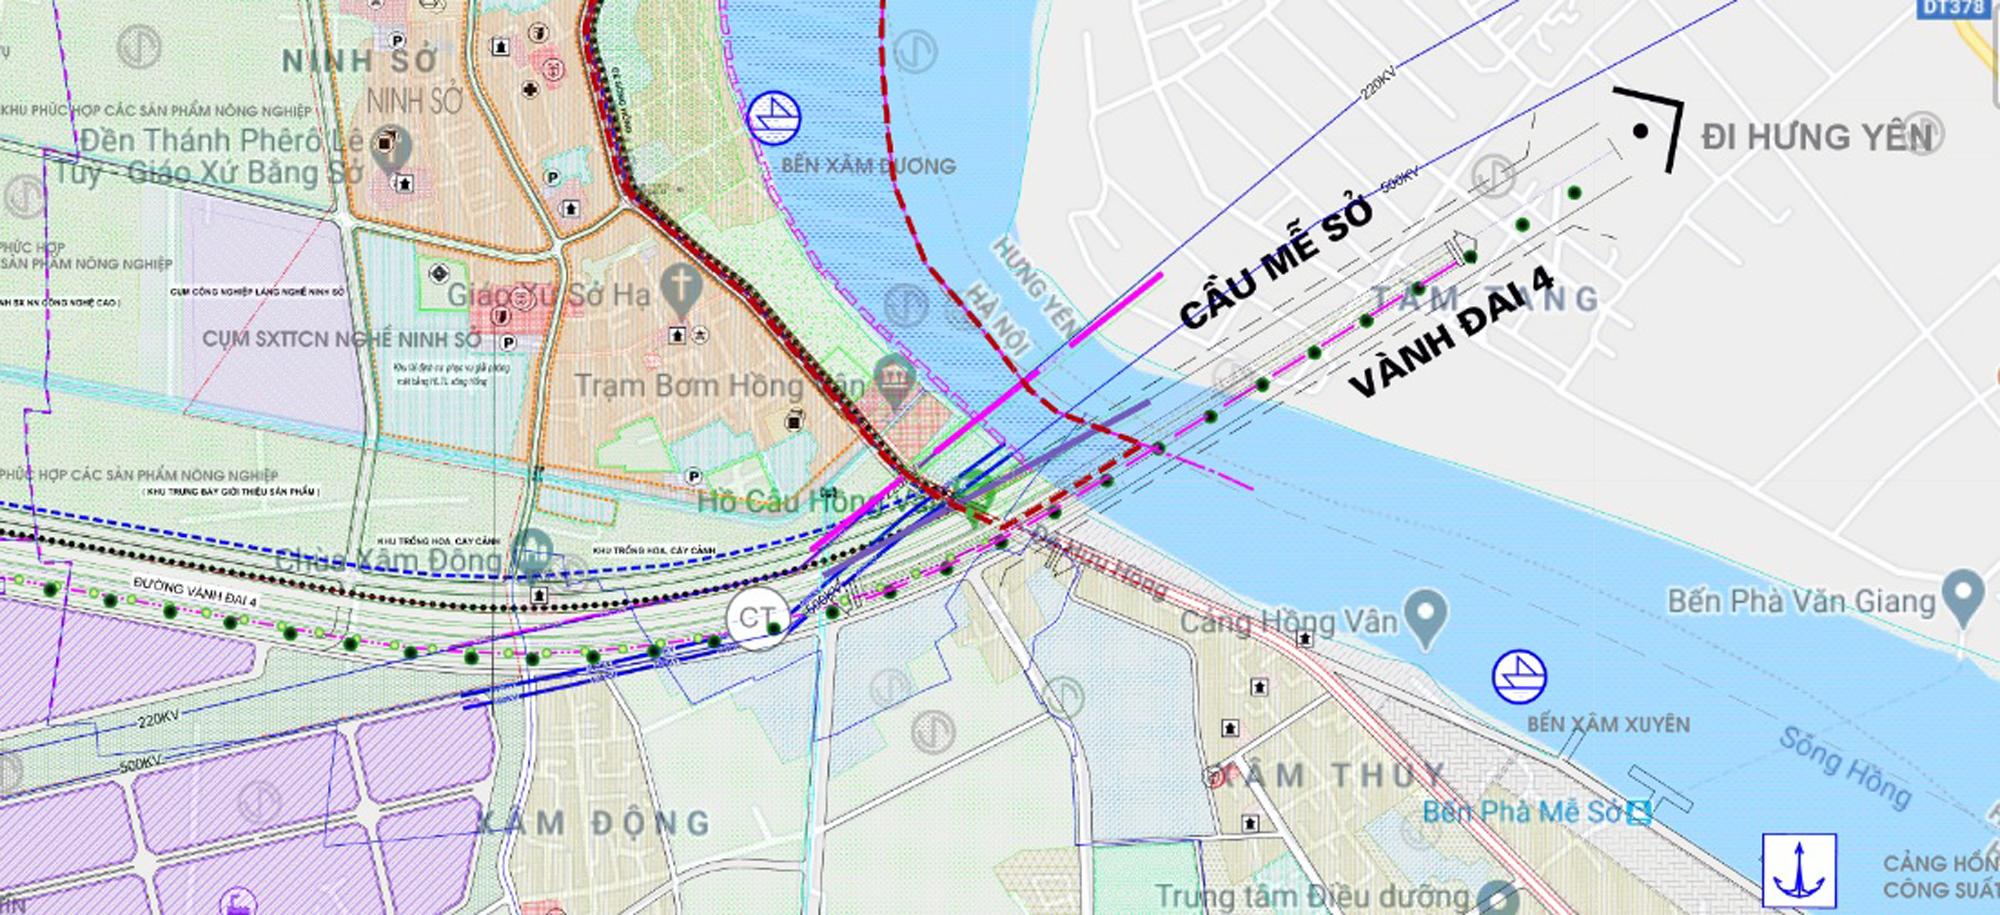 Cầu sẽ mở theo qui hoạch ở Hà Nội: Toàn cảnh vị trí làm cầu Mễ Sở nối Văn Giang - Thường Tín - Ảnh 1.